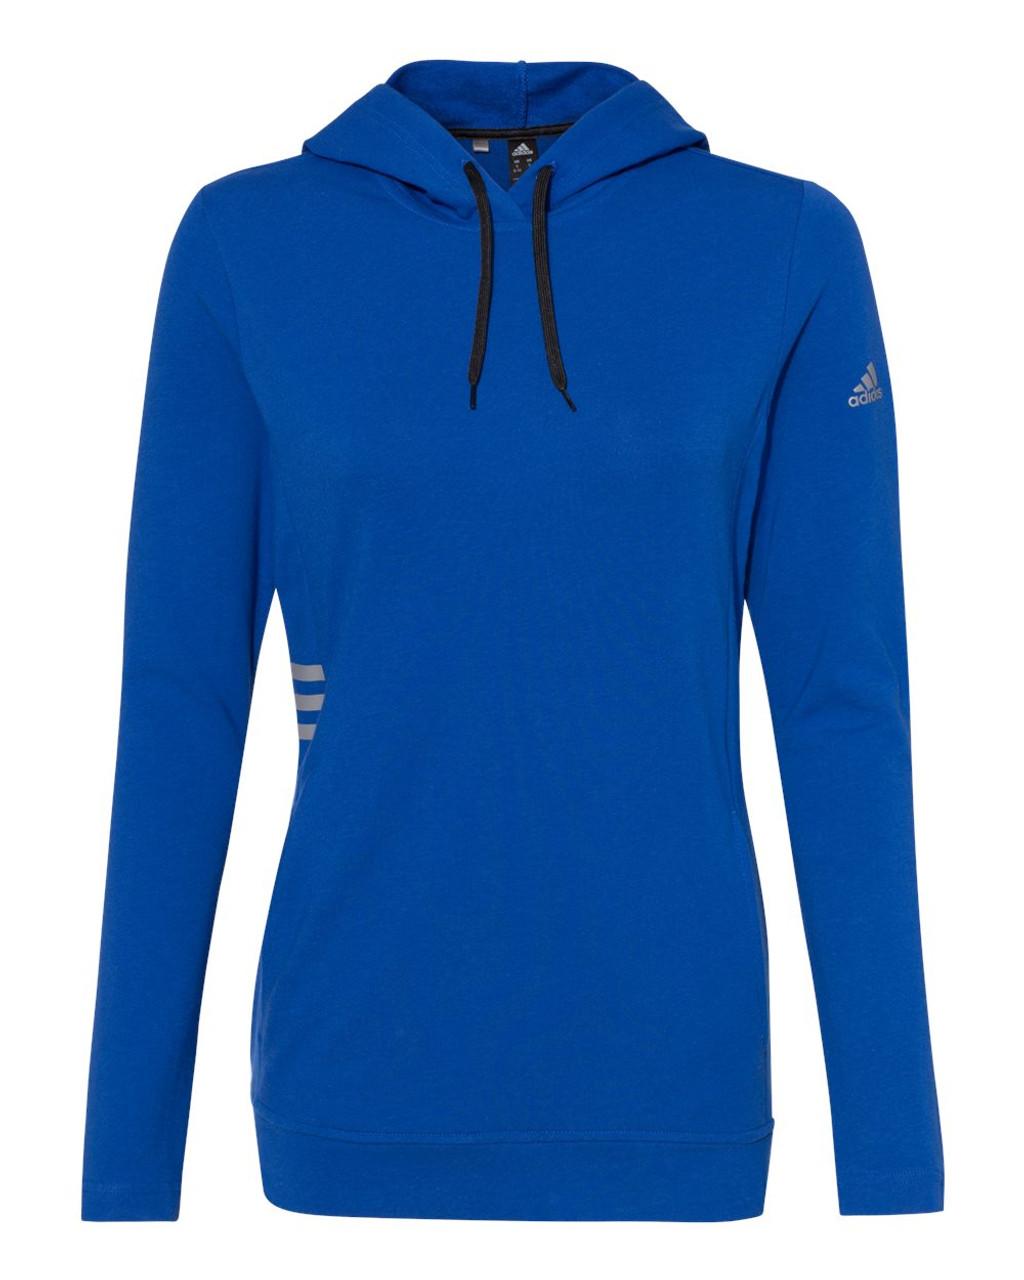 A451 Adidas Women's Lightweight Hooded Sweatshirt   T-shirt.ca